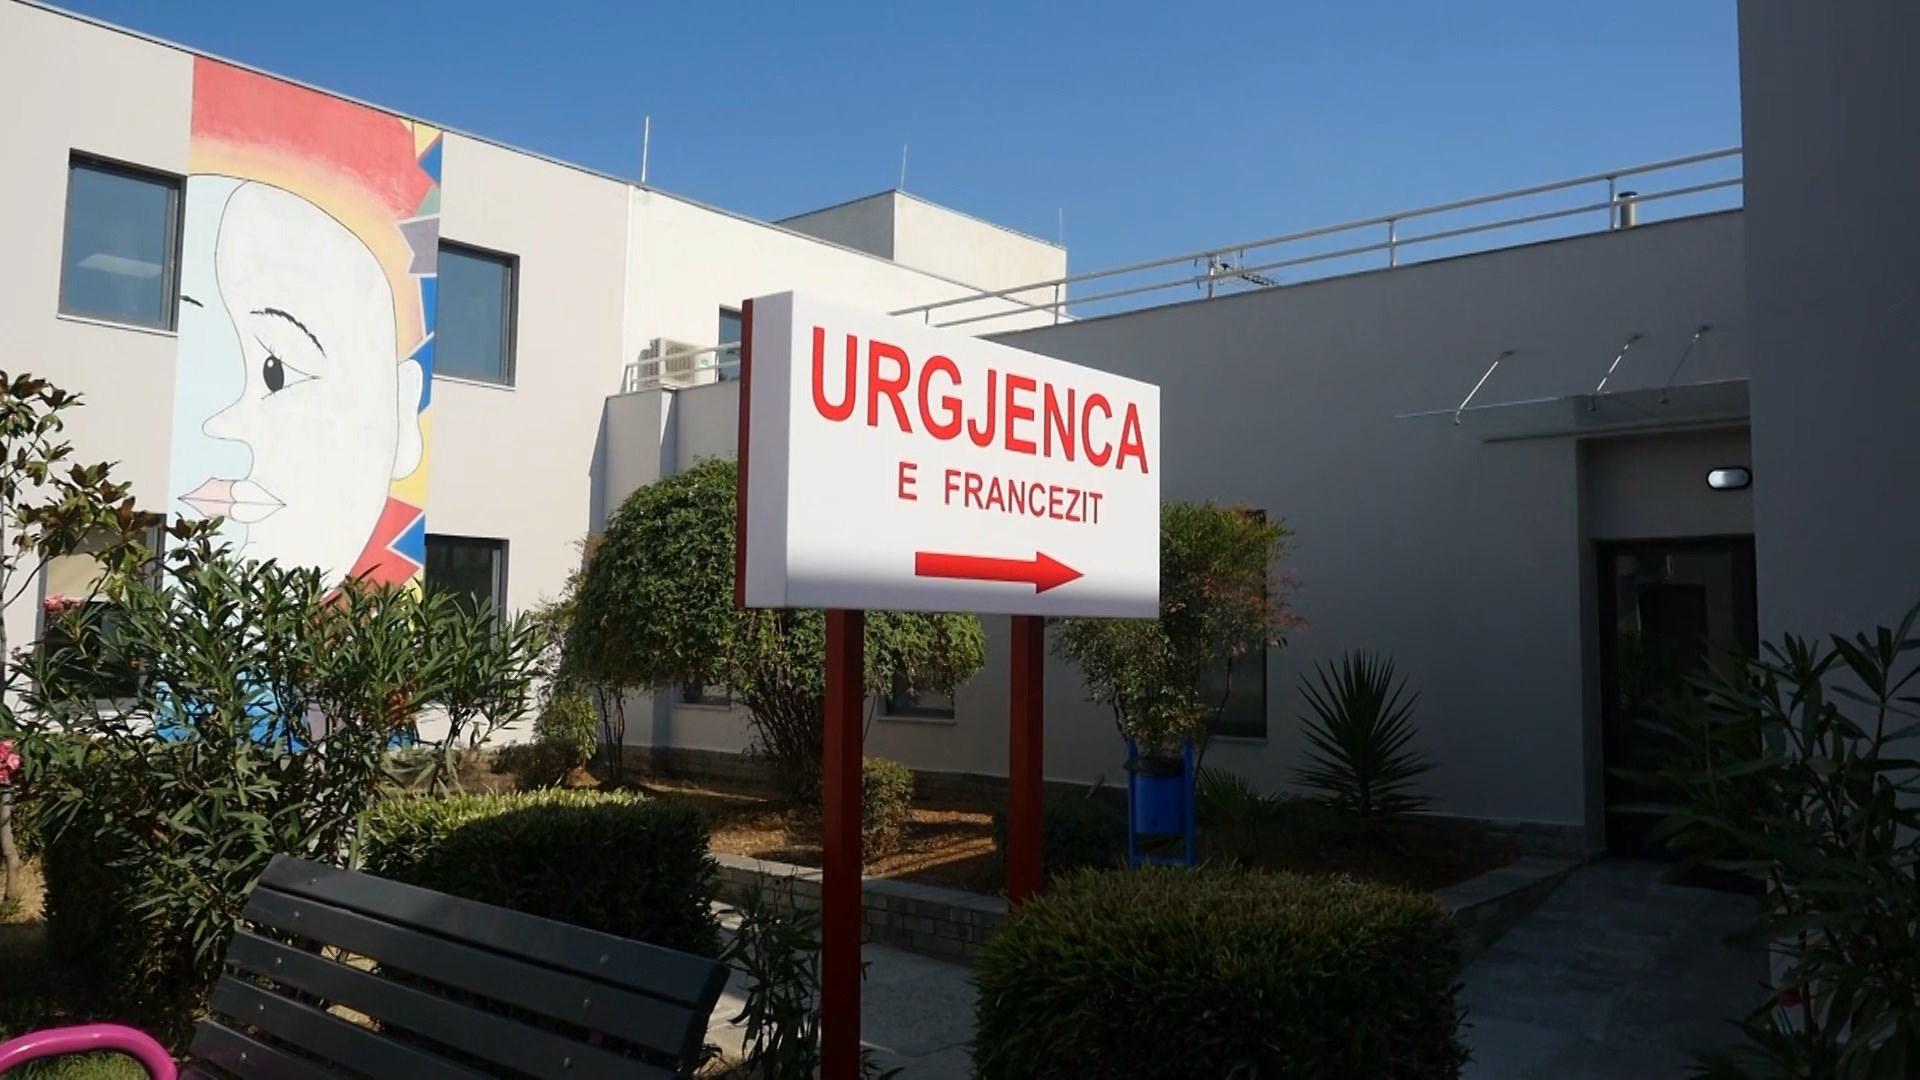 Urgjenca e re e spitalit francez në QSUT, Manastirliu-Balluku: Shërbim me standarde